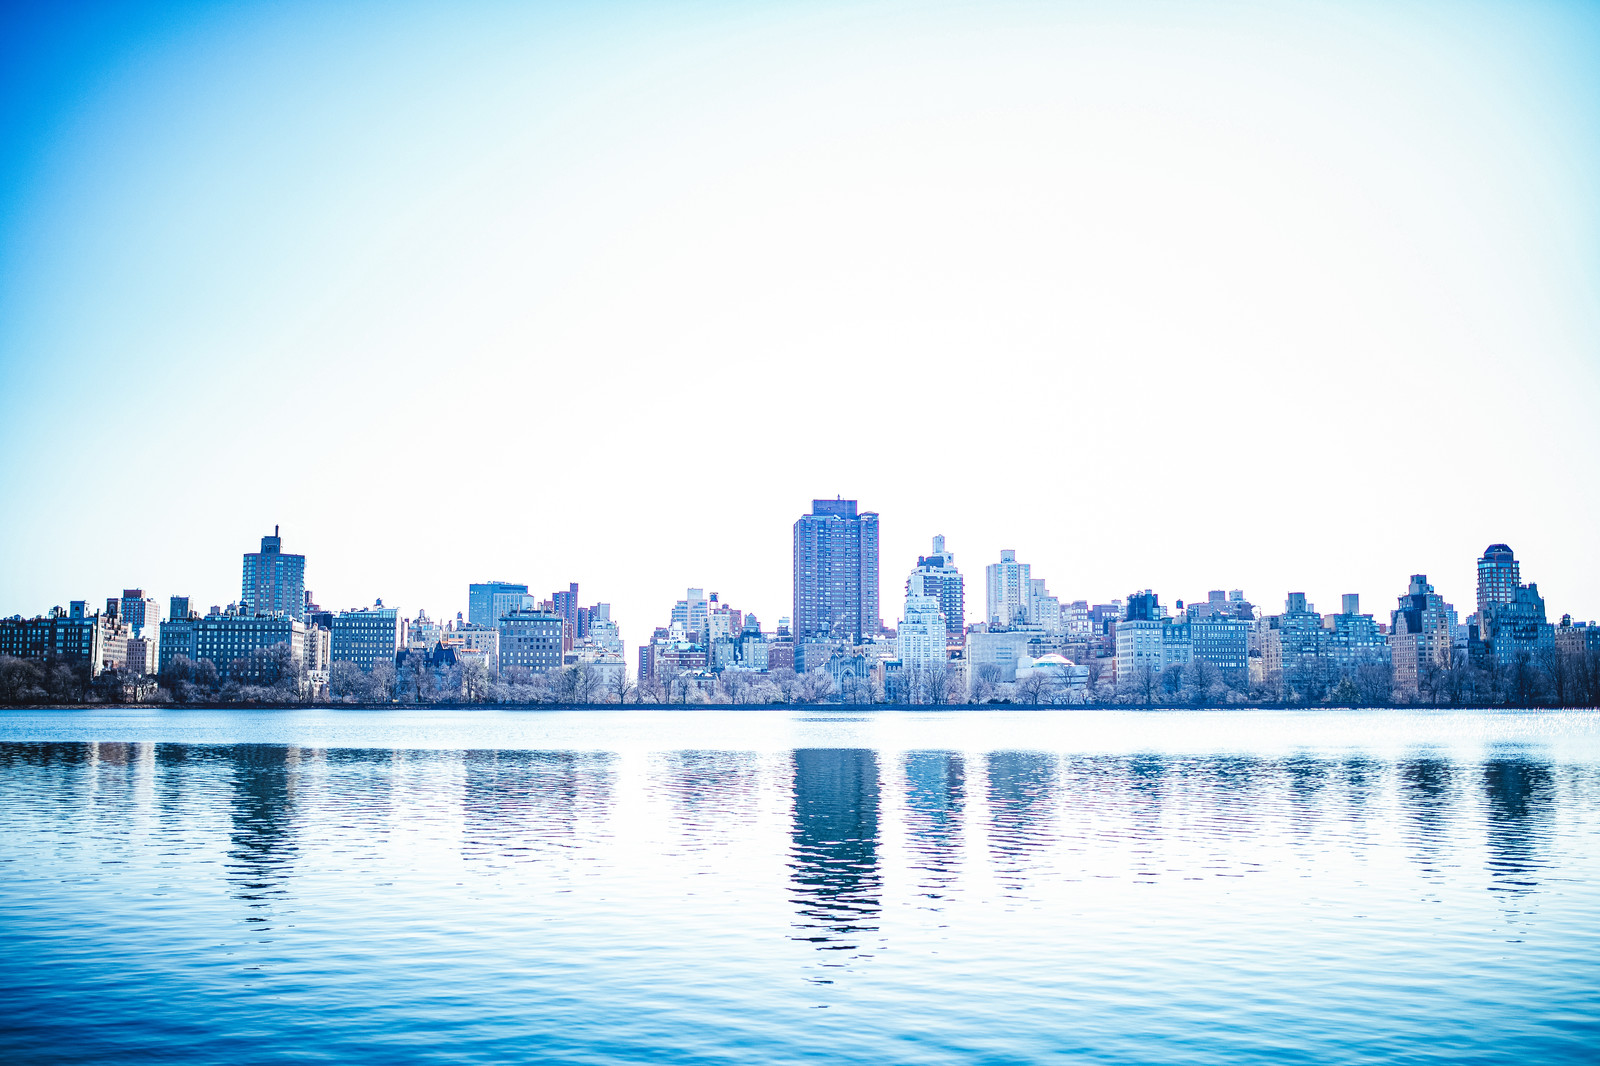 「川に映るニューヨークの街並み」の写真